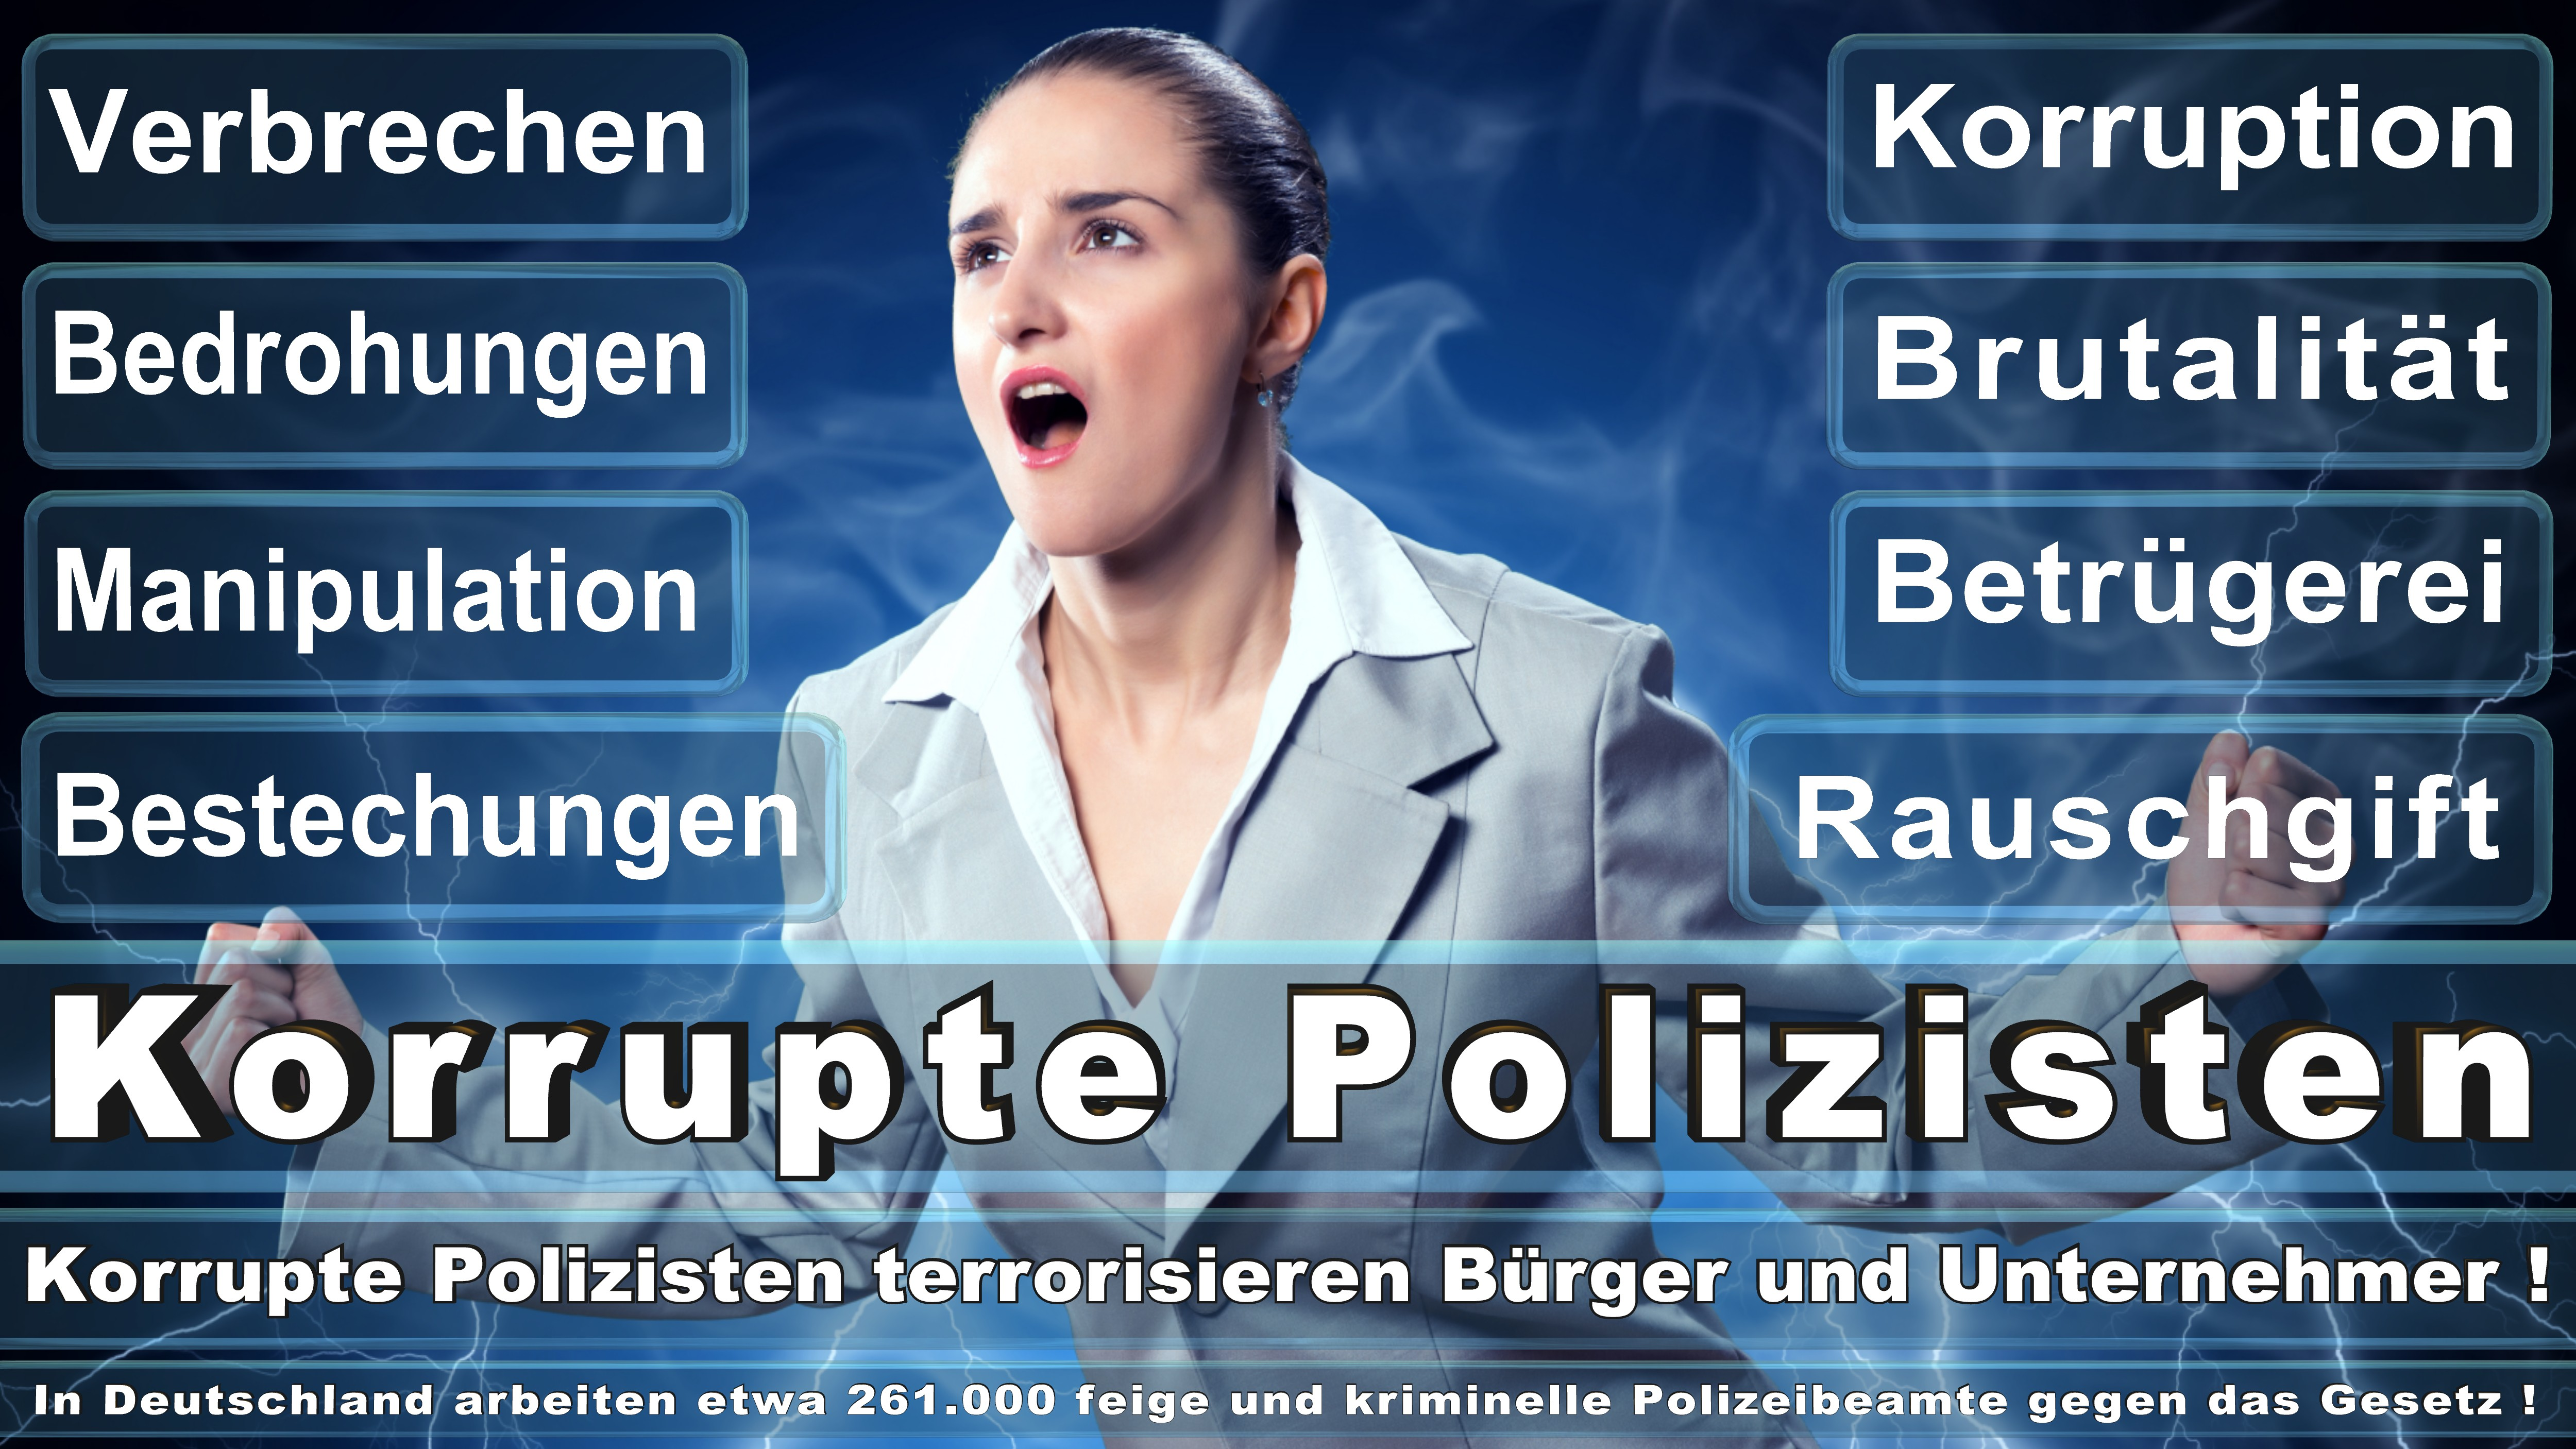 Polizei-Bielefeld (174) Stellenangebote, aktuelle, Gütersloh, polizeinachrichten, Arminia, Unfall, A2, Notruf, Korruption, Verbrechen, Polizeigewalt,